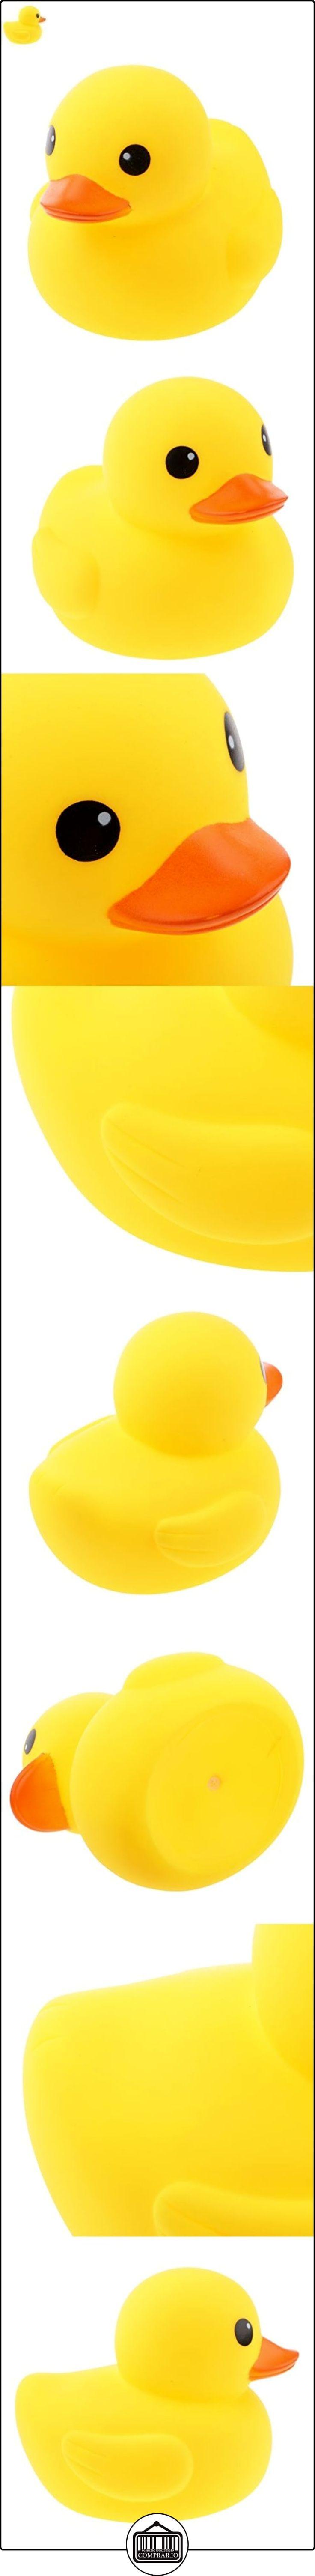 Juegos de Goma Hora del Baño Chirriante Madre Pato Amarillo Grande Bebé  ✿ Seguridad para tu bebé - (Protege a tus hijos) ✿ ▬► Ver oferta: http://comprar.io/goto/B01MFG4OAB